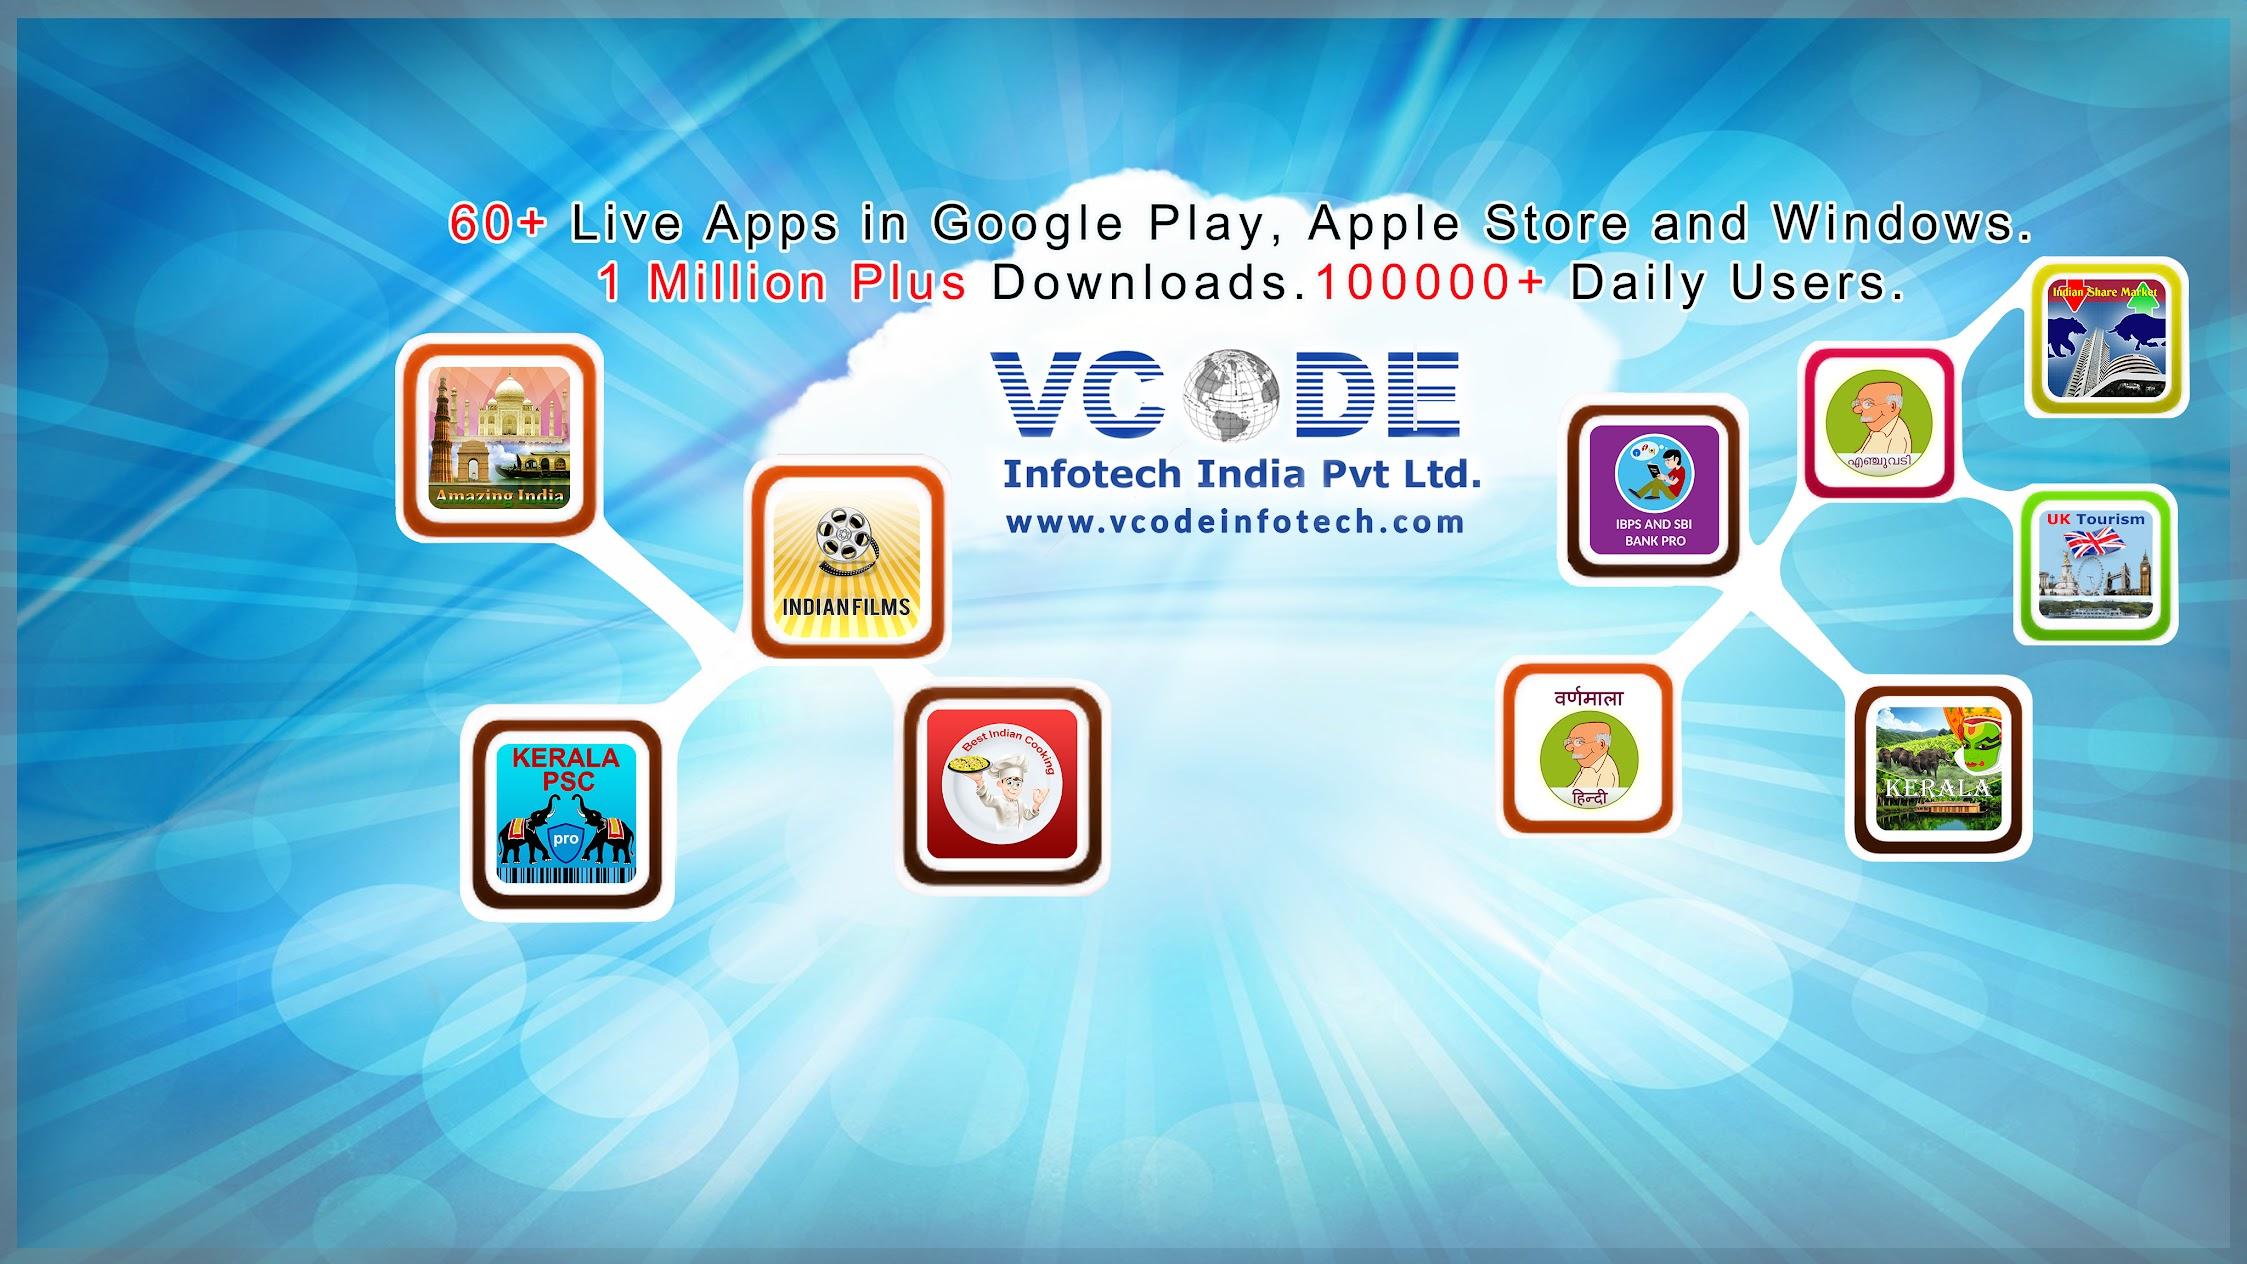 Vcode Infotech Limited